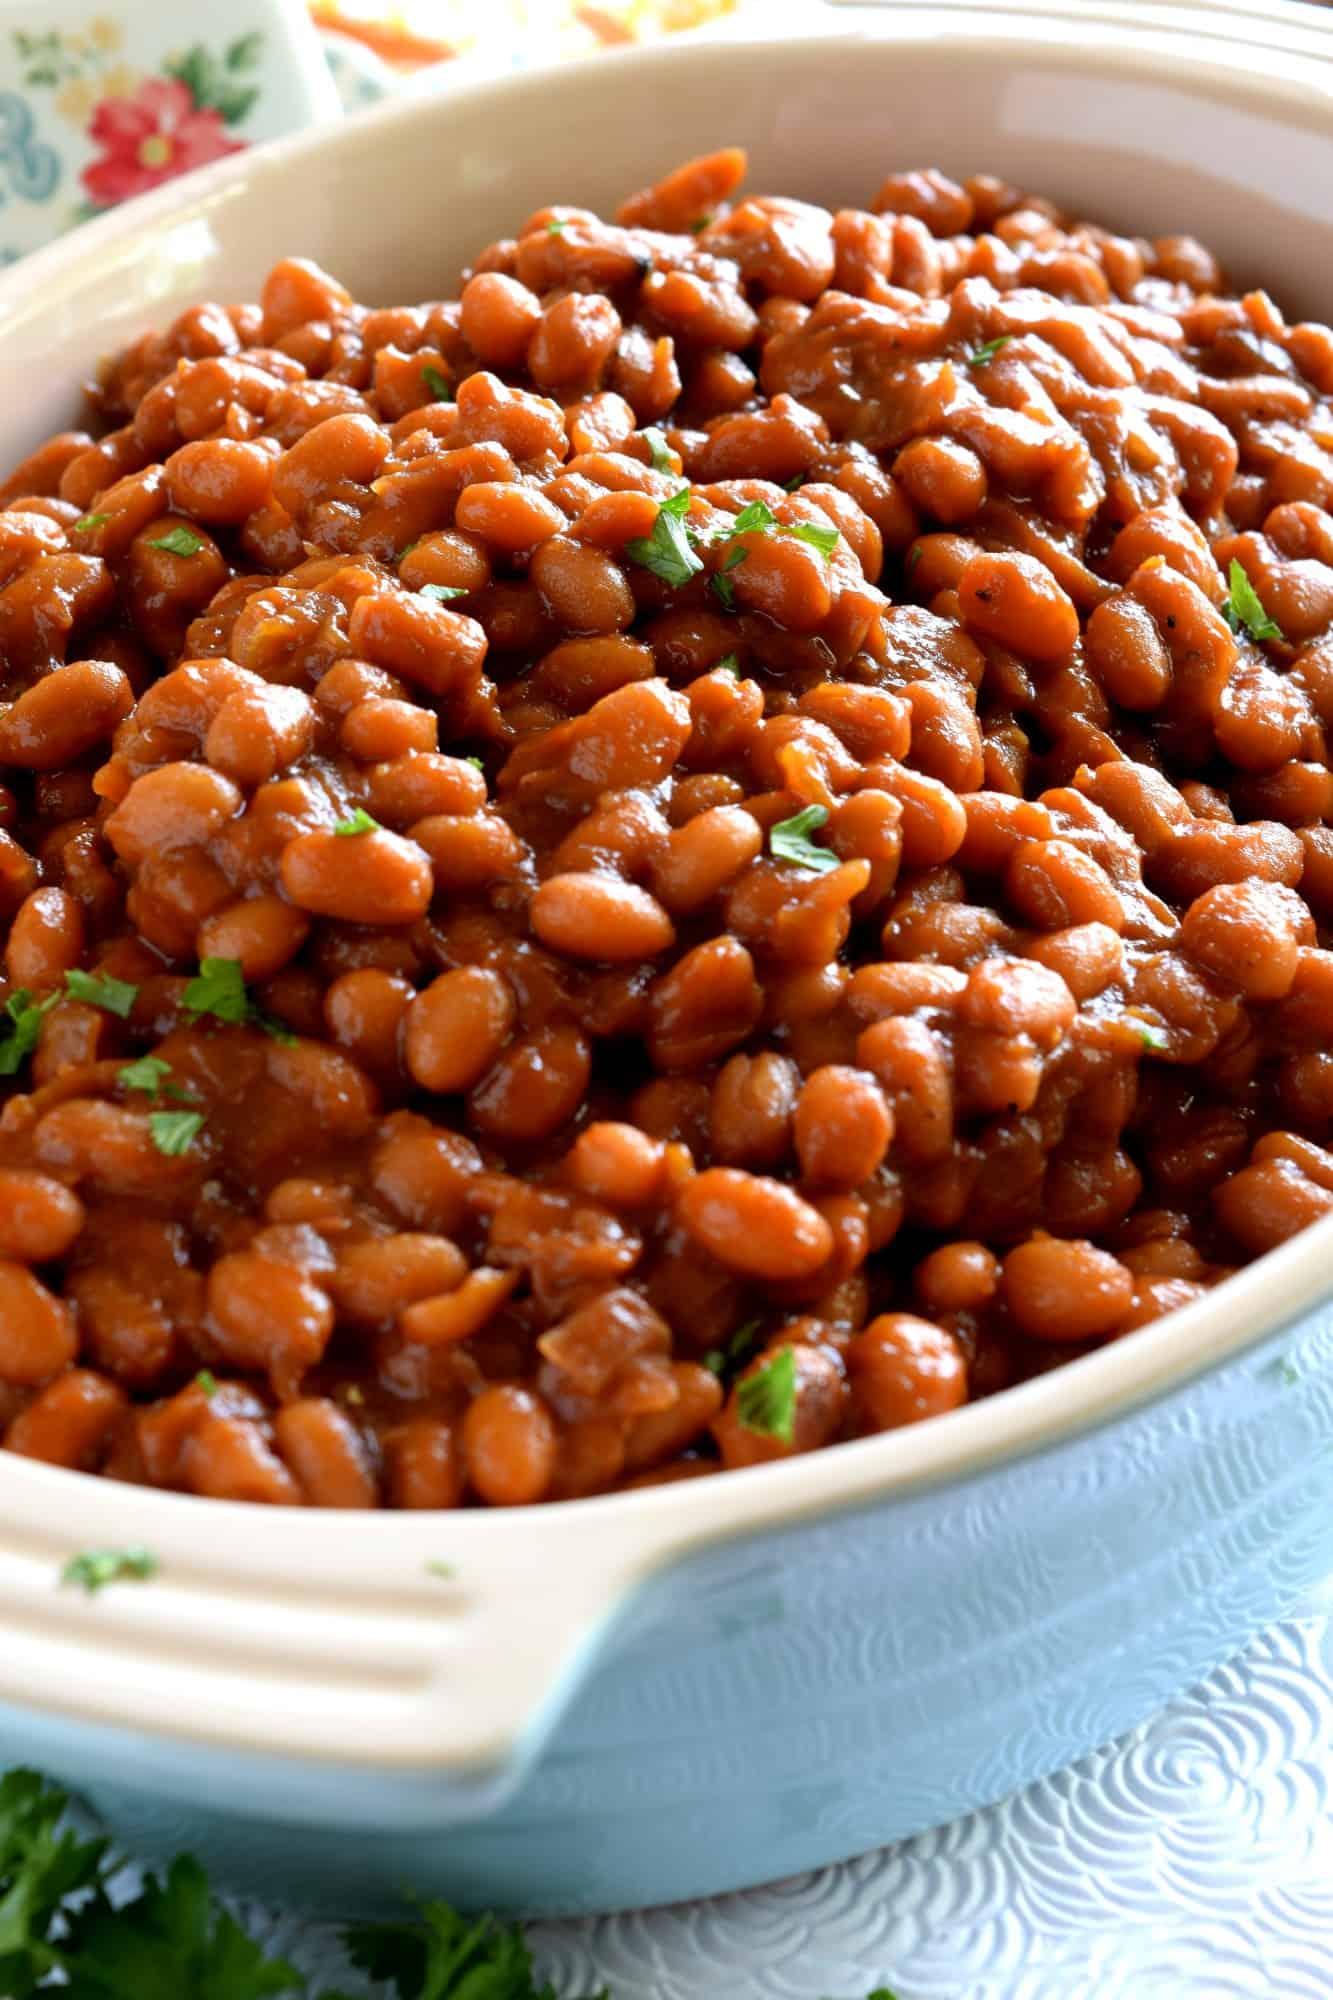 Stovetop Homemade Vegetarian Baked Beans